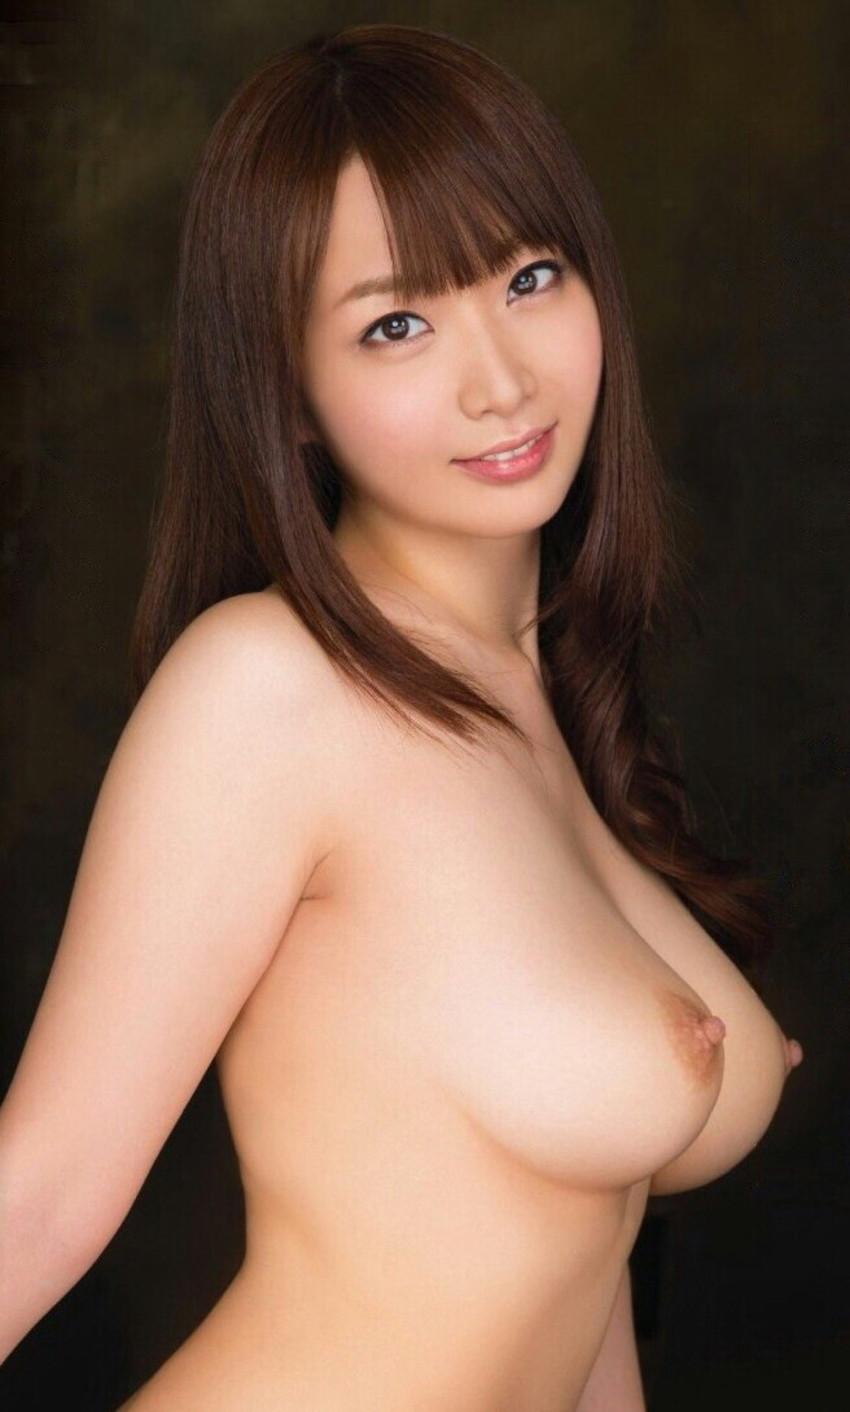 【美乳エロ画像】クッソ綺麗なおっぱいの女の画像集めたったぜwwwww 34